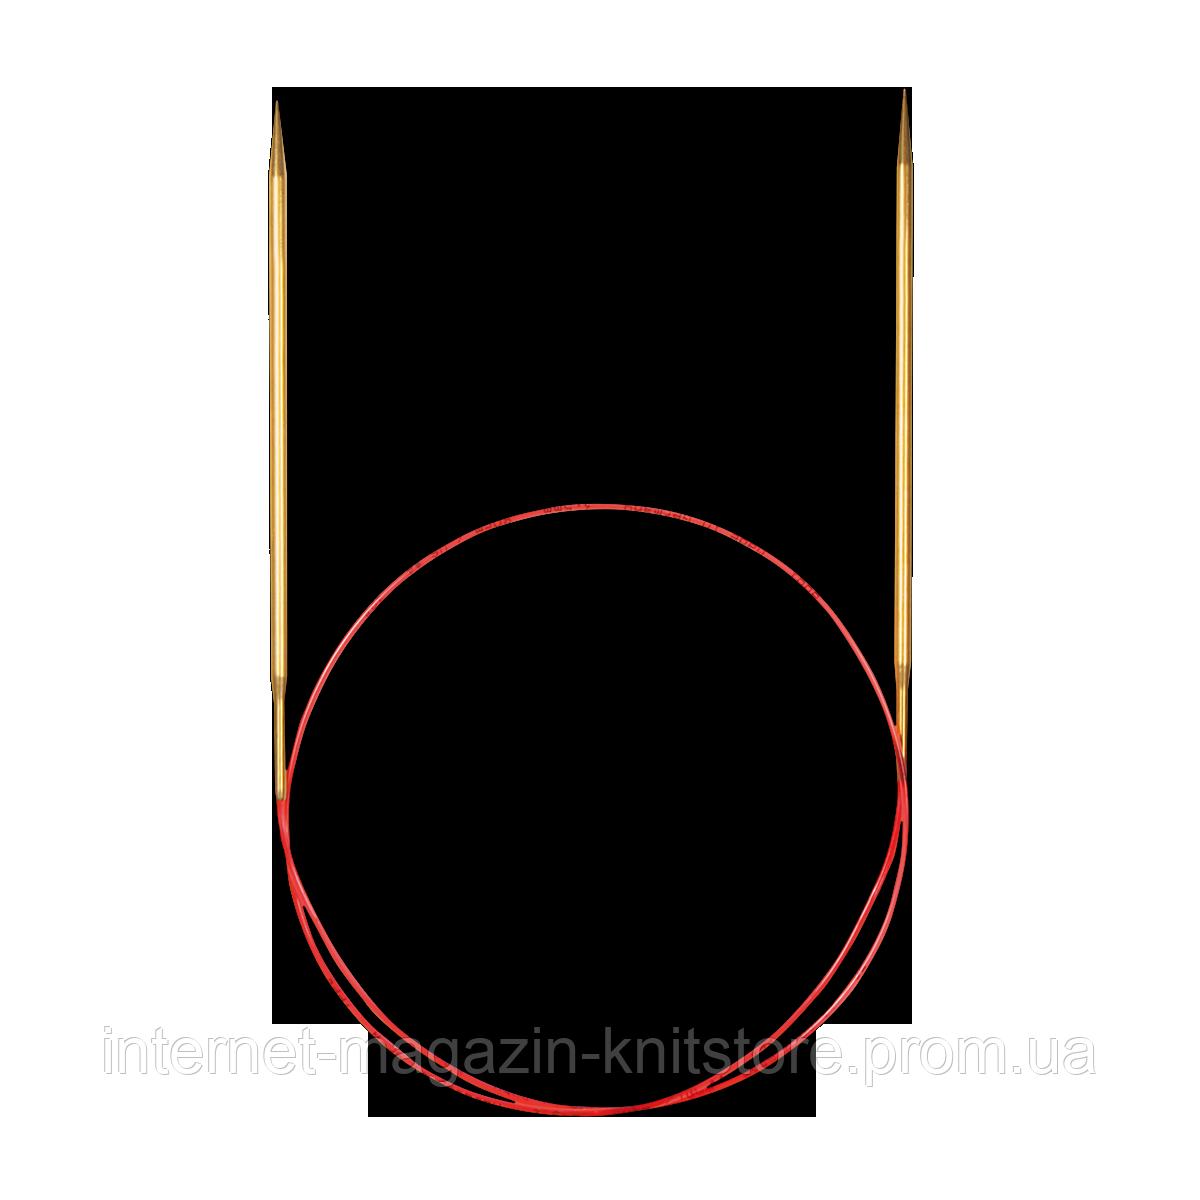 Спиці Addi | кругові | c витягнутим кінчиком | 80 см | 5 мм